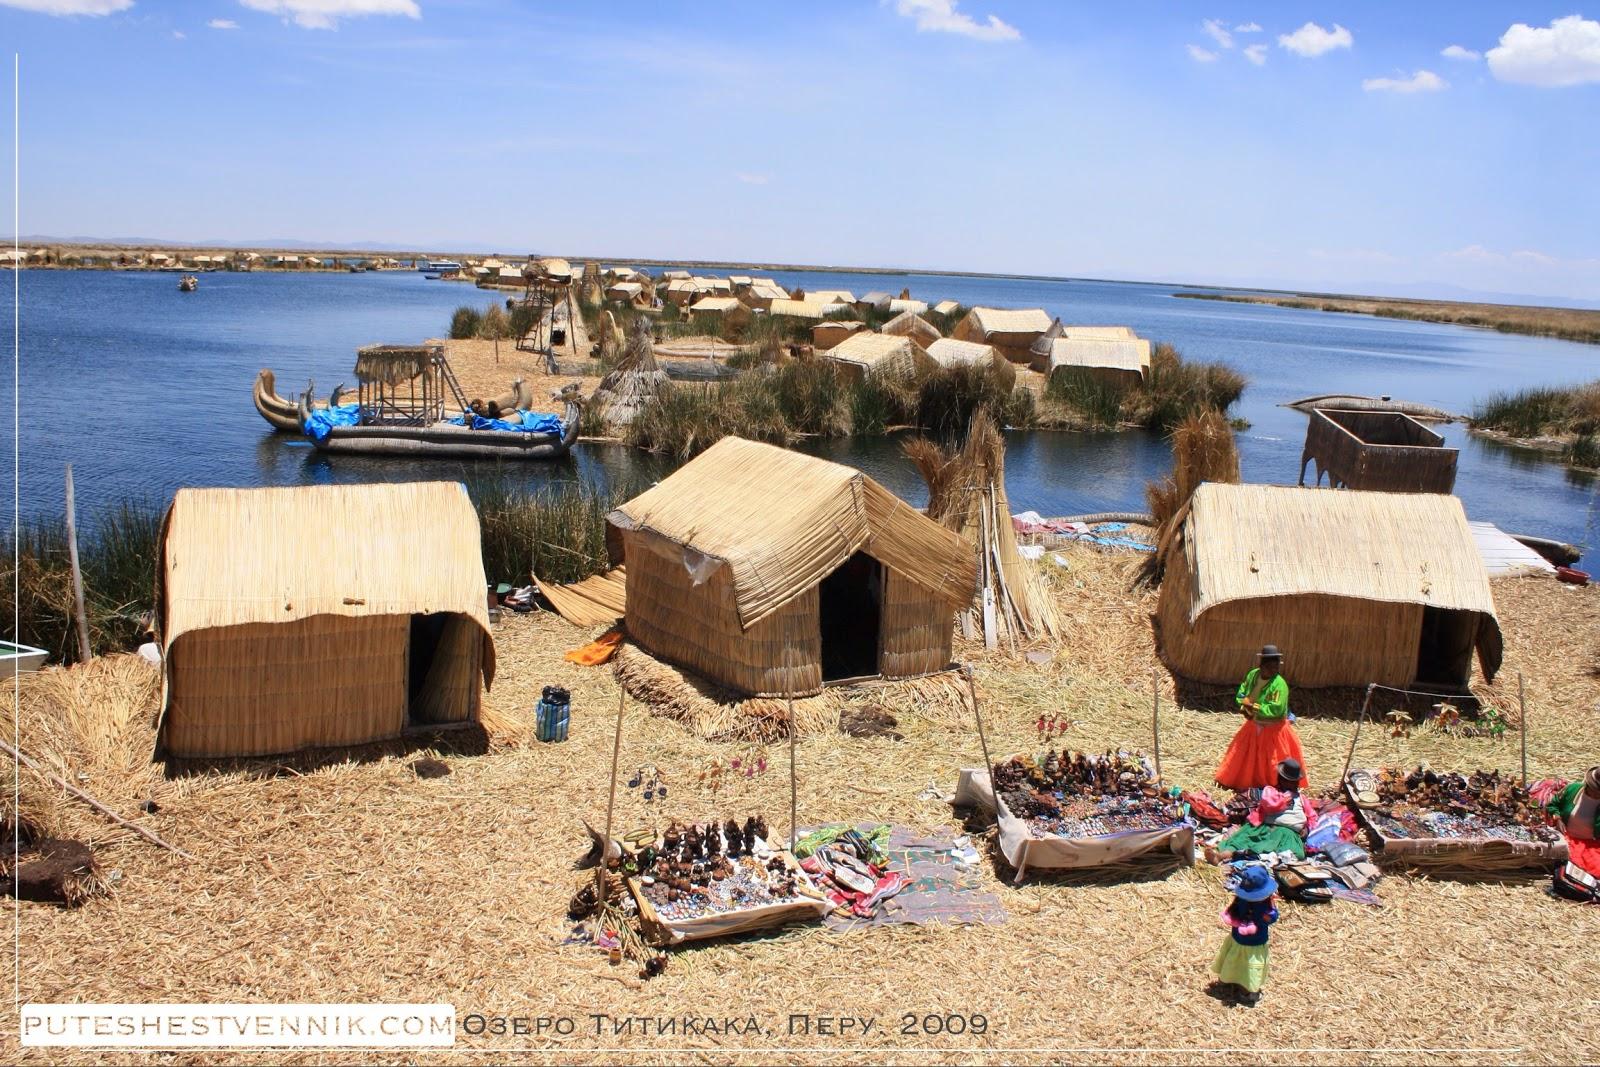 Продажа сувениров на острове из тростника